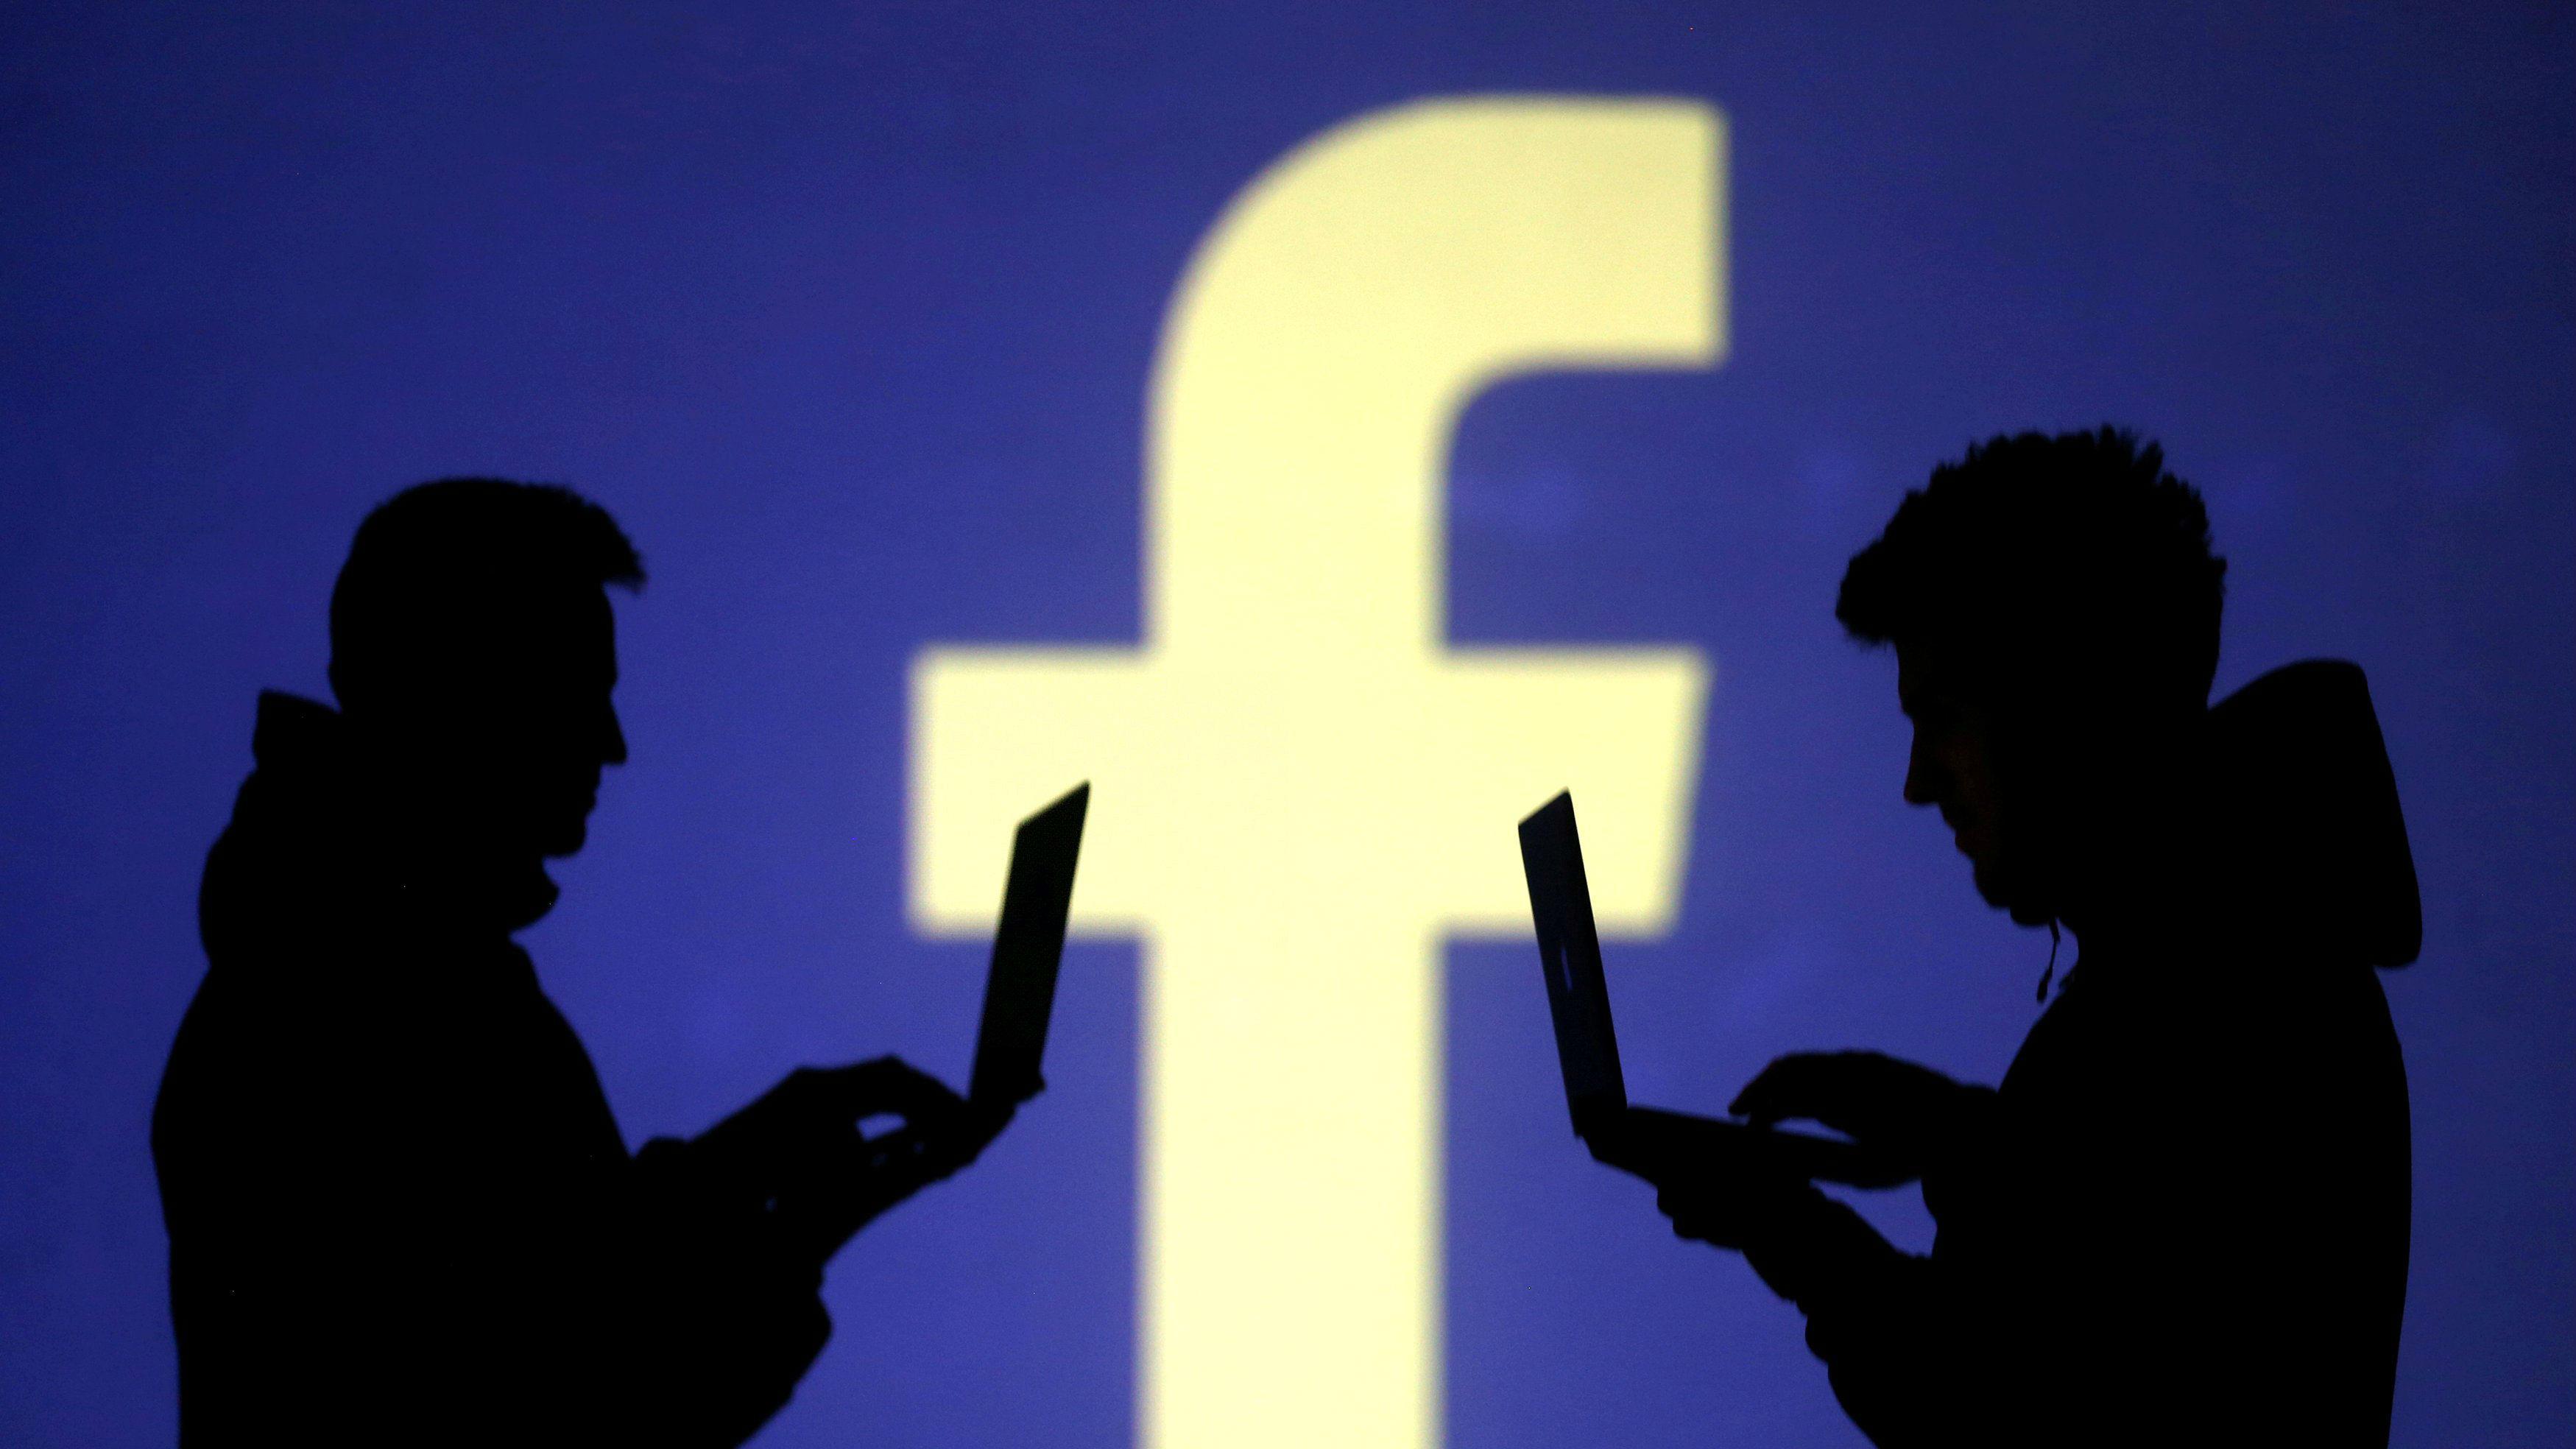 """英媒:脸书明年将推出""""全球币"""" 或面临信任考验"""